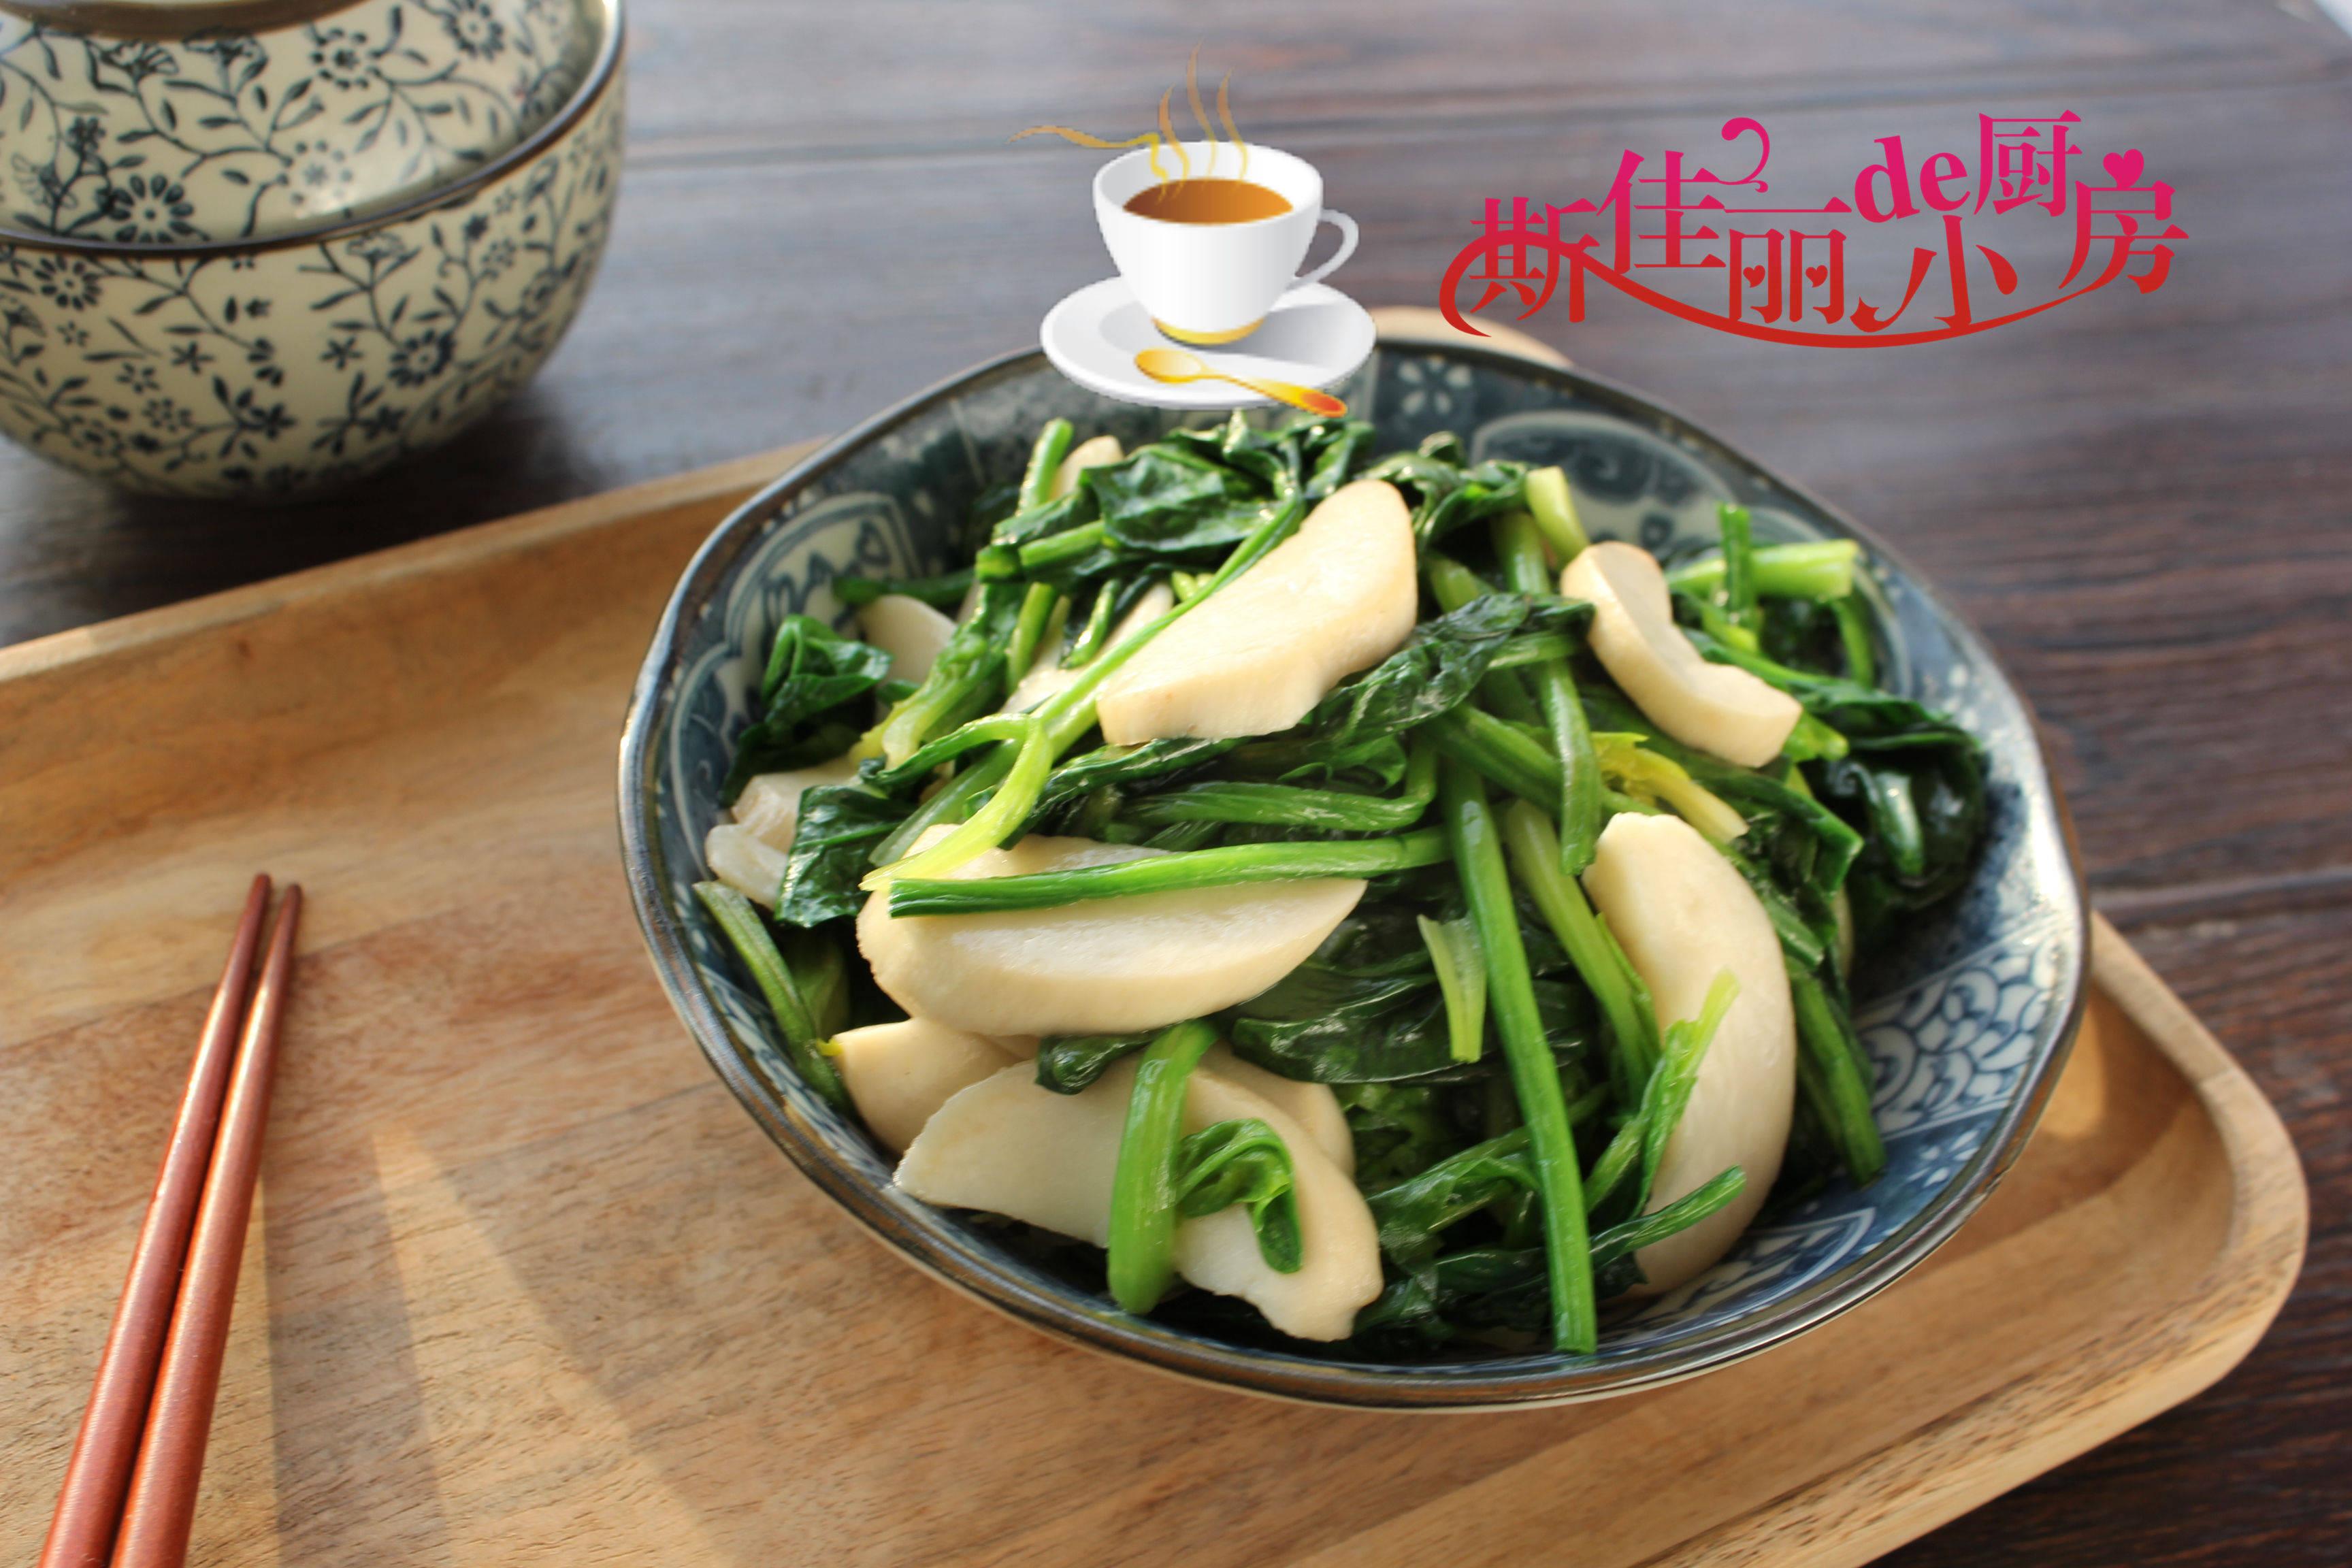 菠菜和它是绝配,简单一炒营养又下饭比肉好吃,孩子爱吃对眼睛好